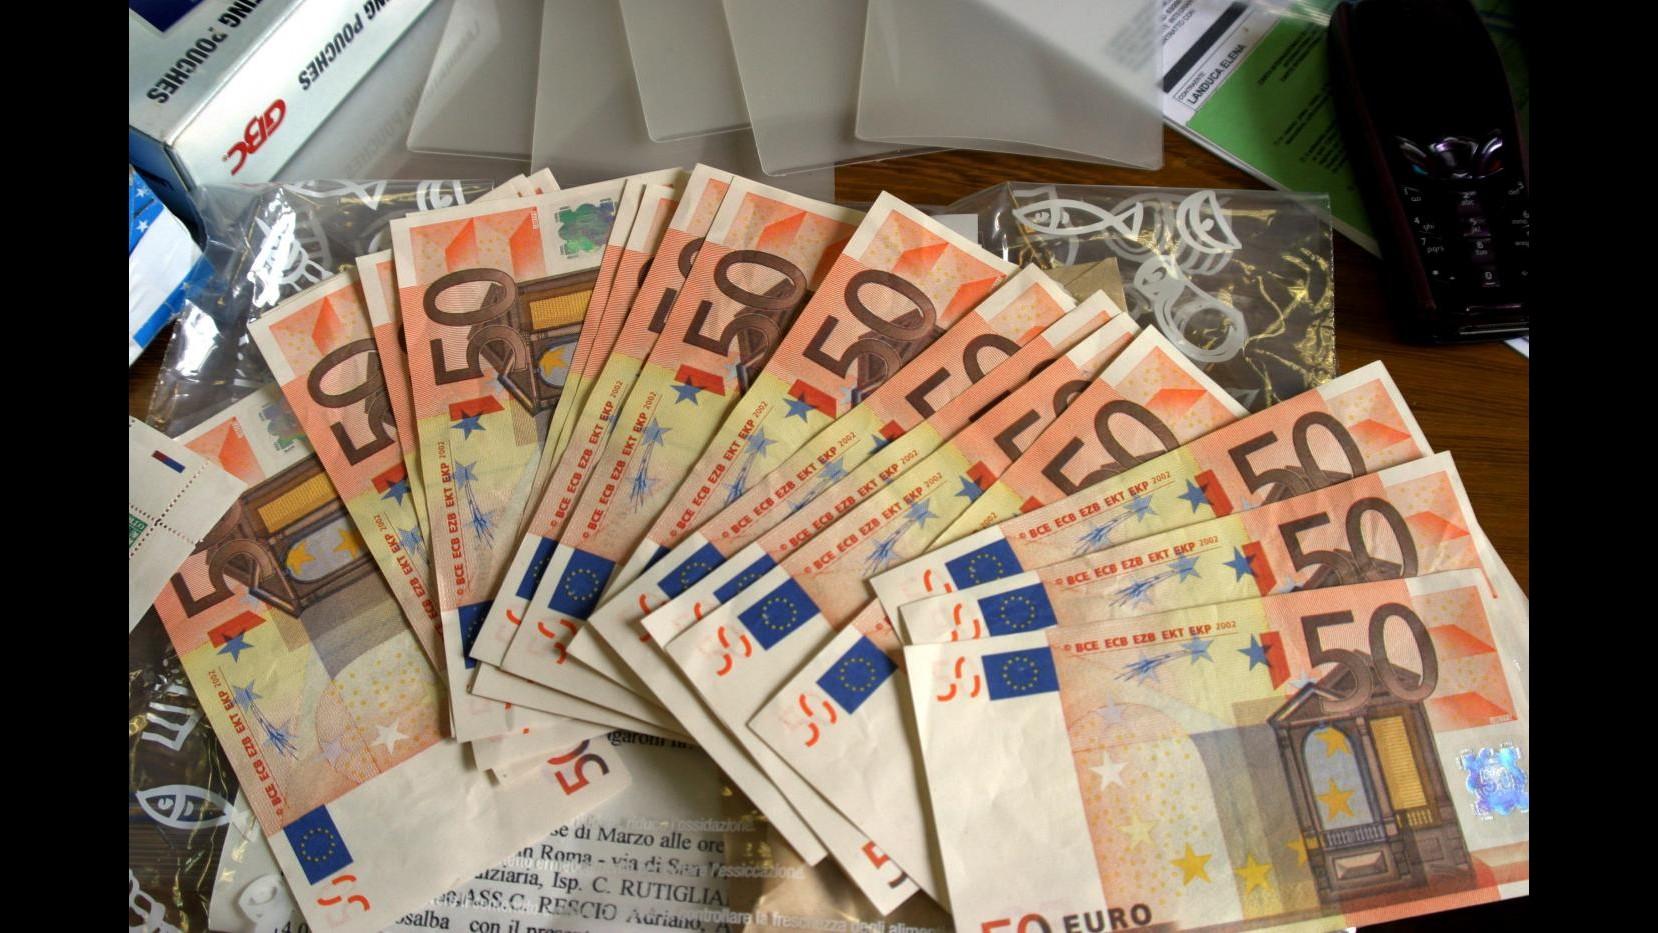 Produzione di banconote false: 19 arresti in tutta Italia